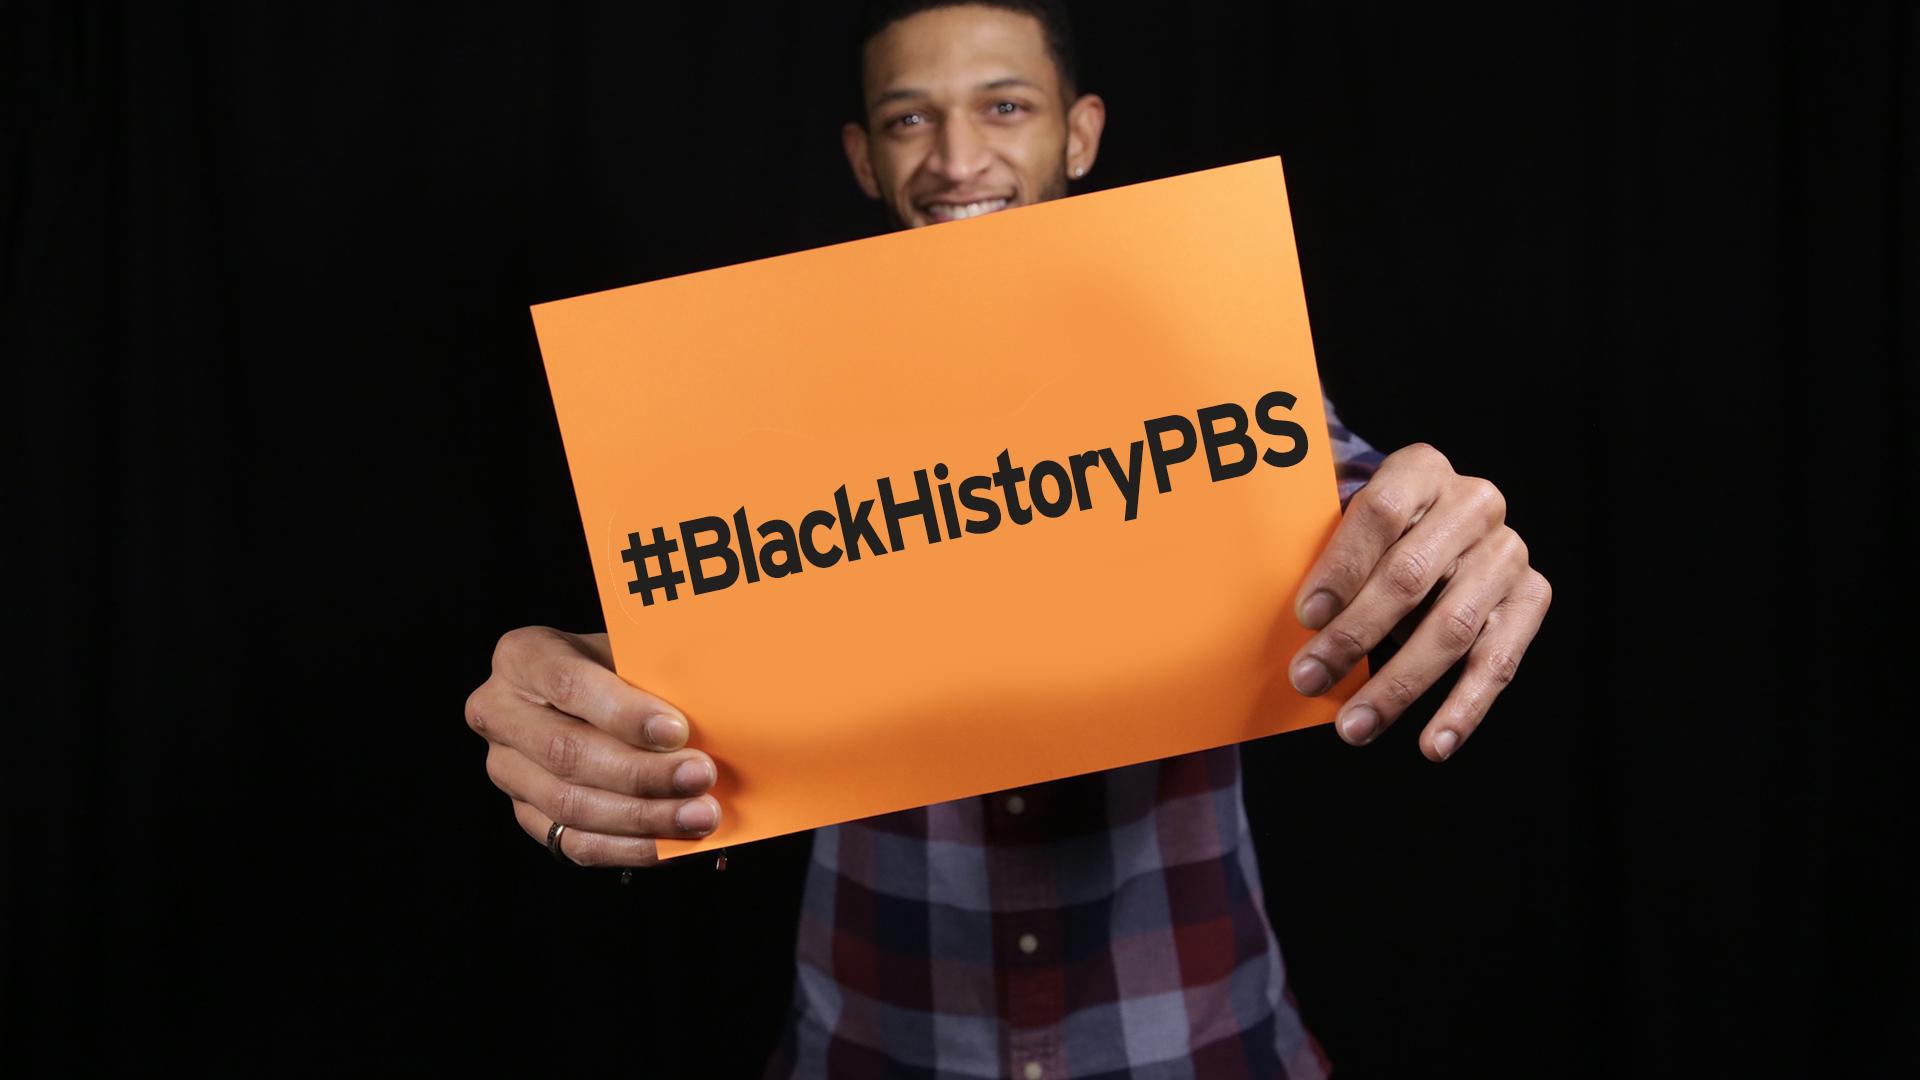 #BlackHistoryPBS